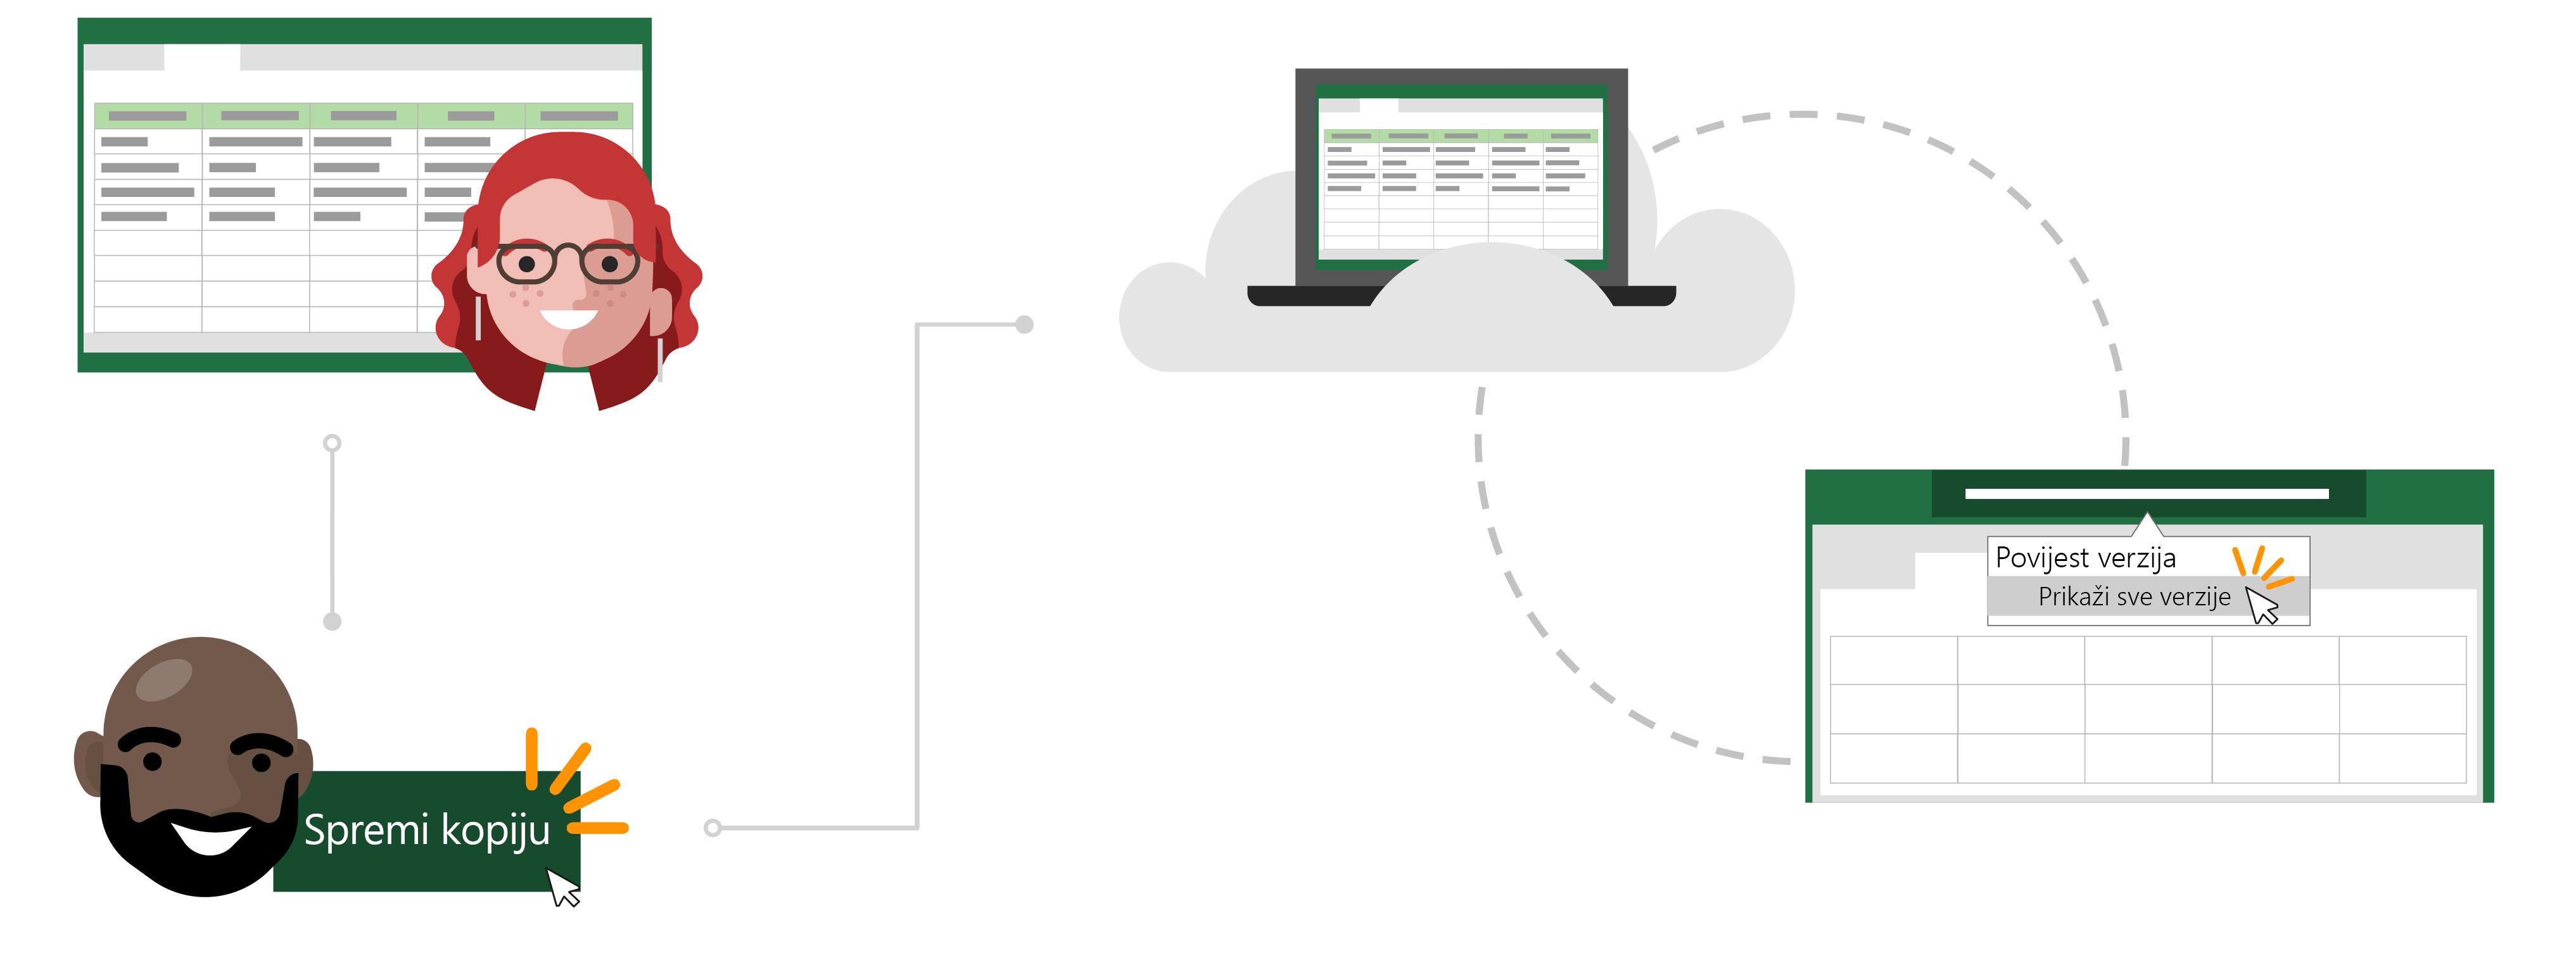 Korištenje postojeće datoteke u oblaku kao predložak za nove datoteke pomoću Spremi kopiju.